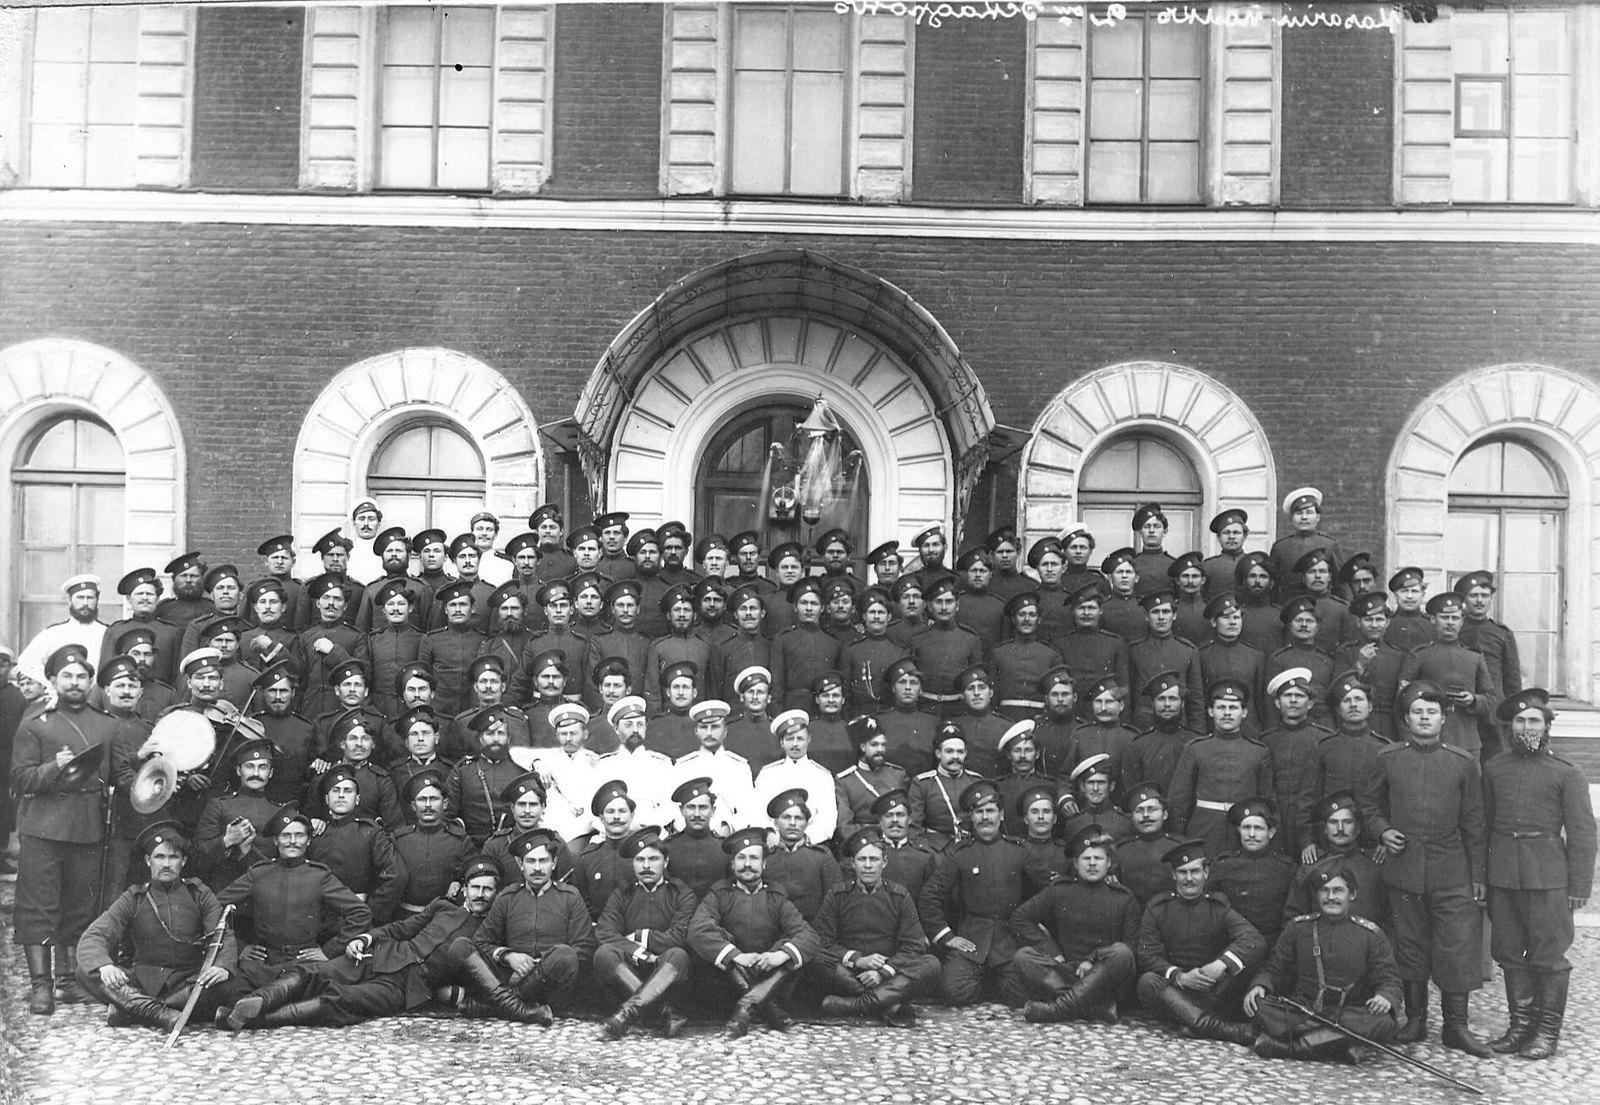 1914. Группа казаков и офицеров 2-ой Оренбургской сотни лейб-гвардии Сводно-Казачьего полка